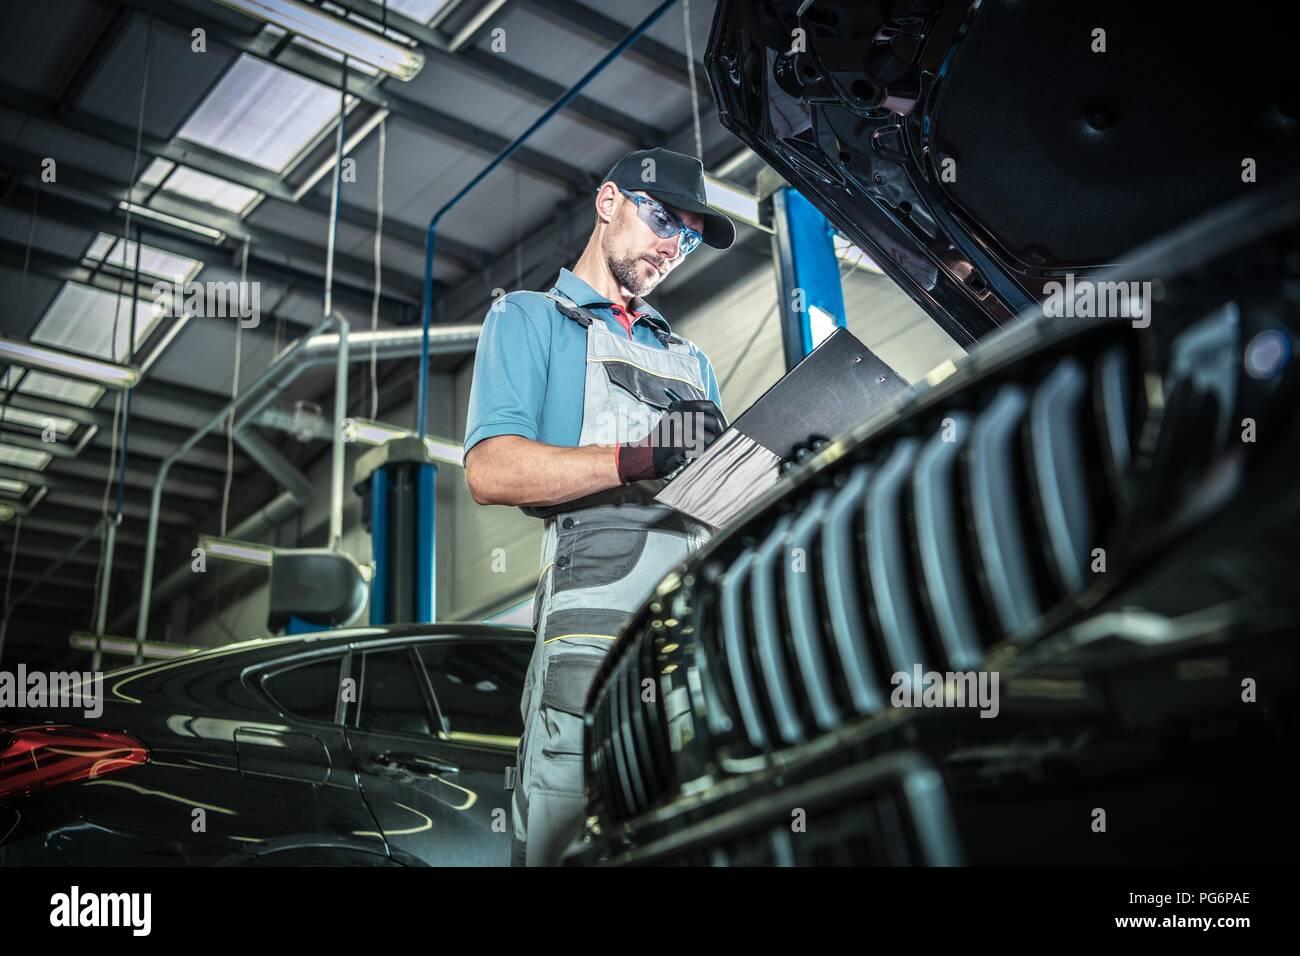 Kaukasische Automechaniker in seinem 30s Durchführung der Wartung des Fahrzeugs mit einer Dokumentation in der Hand. Stockbild